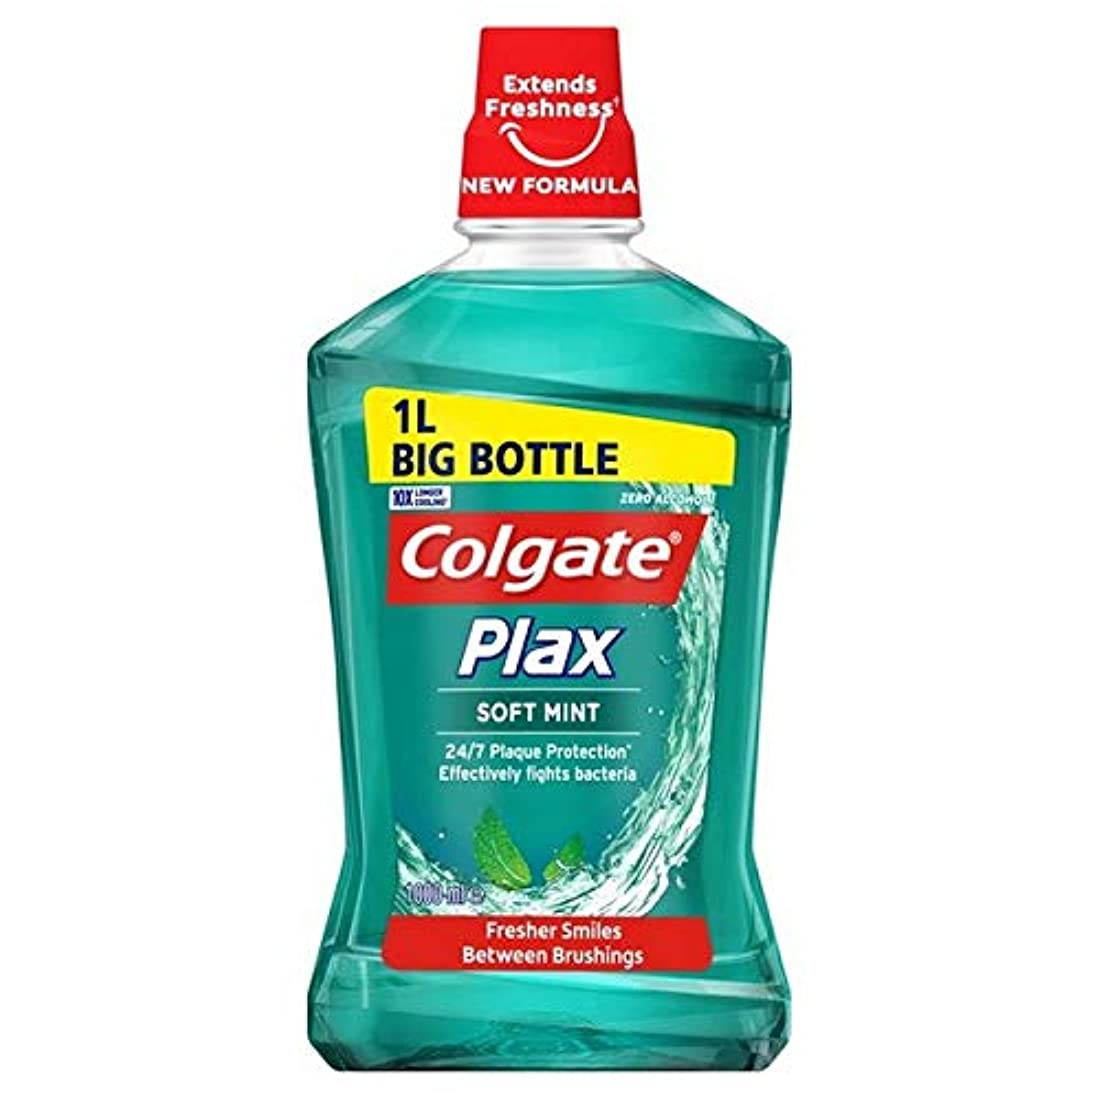 案件ジャベスウィルソン底[Colgate ] コルゲートPlaxソフトミントマウスウォッシュ1リットル - Colgate Plax Soft Mint Mouthwash 1L [並行輸入品]